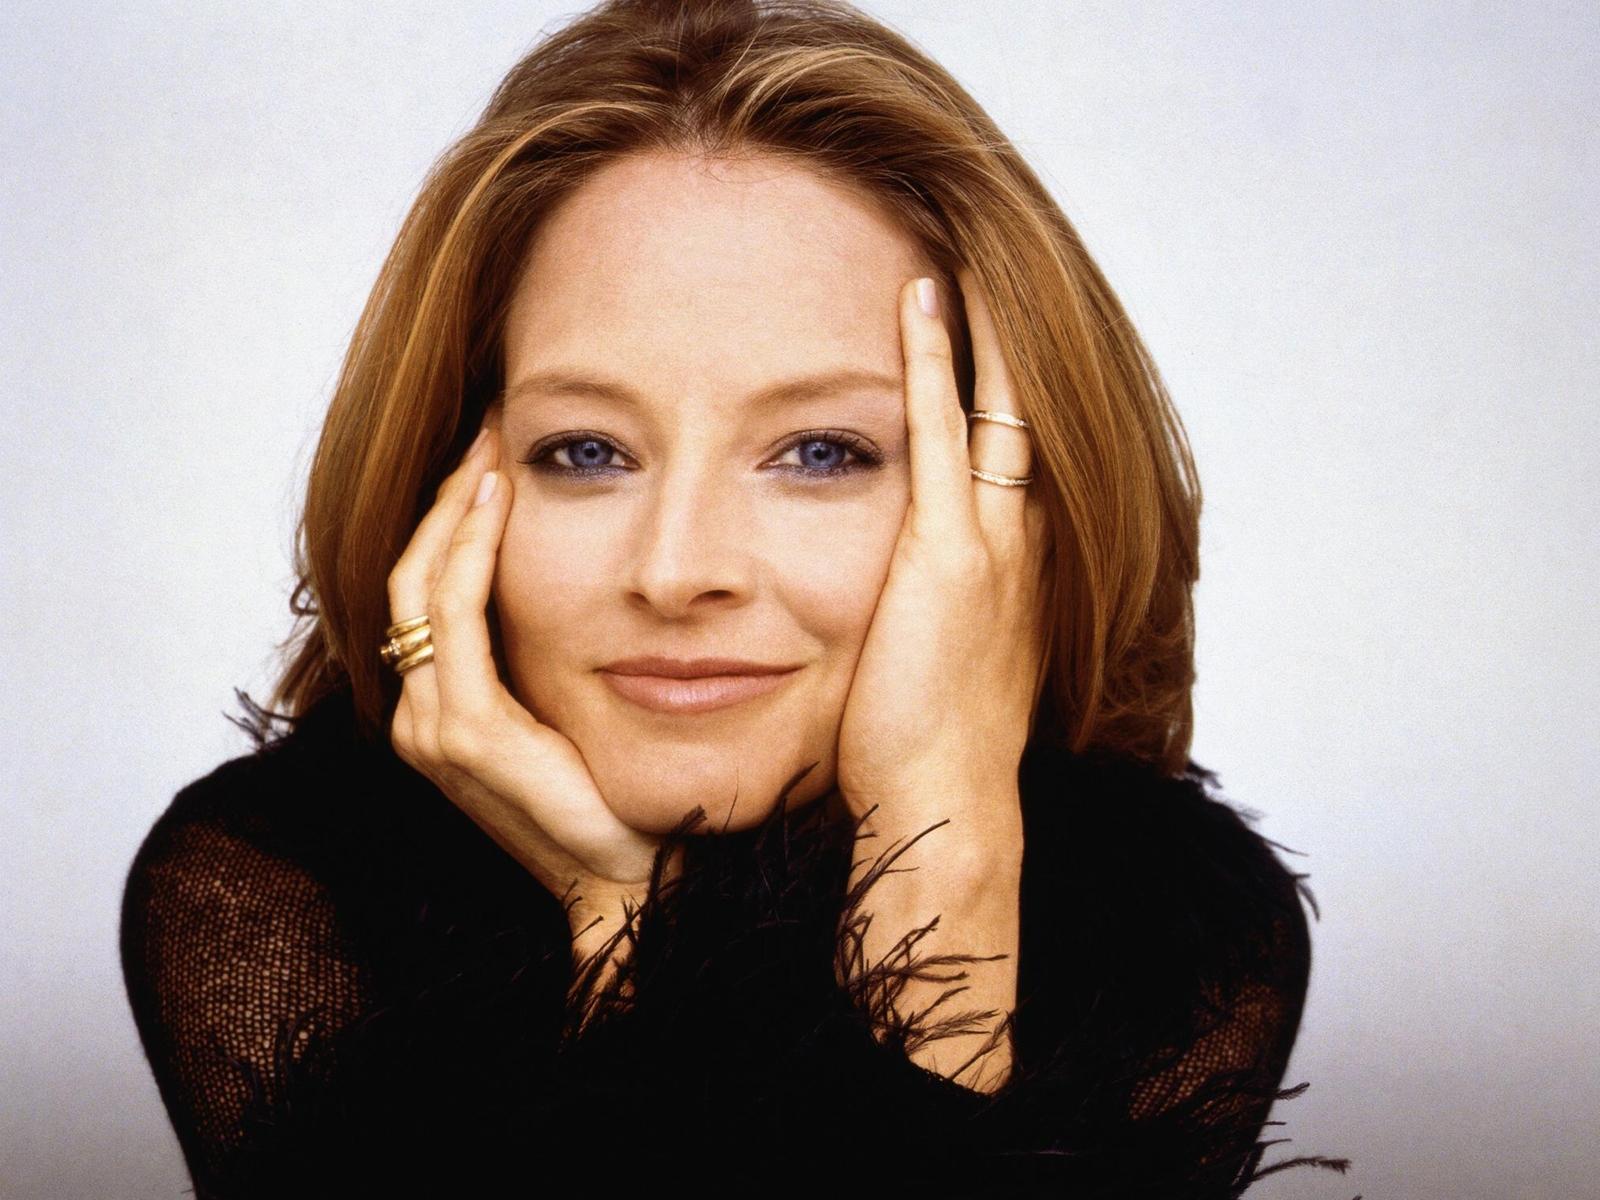 jodie foster 1990